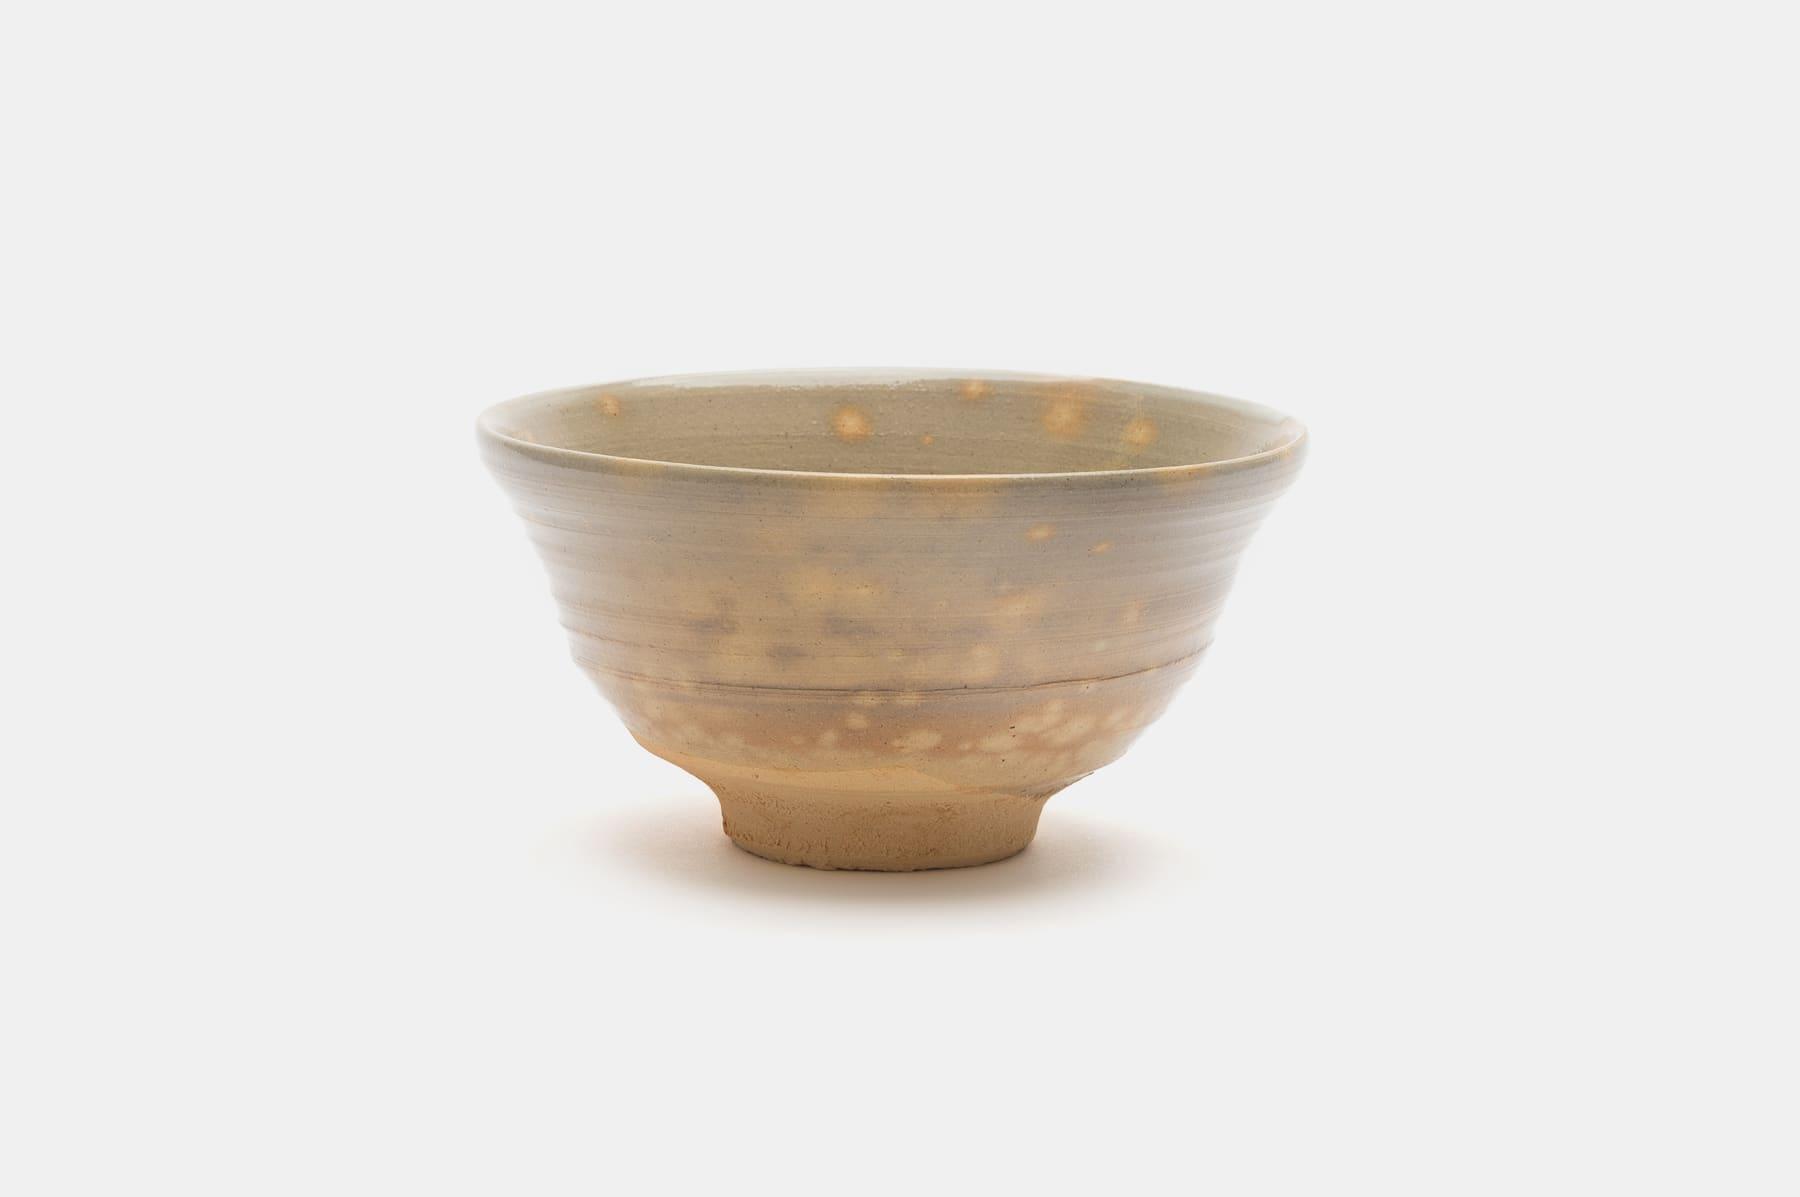 Hosai Matsubayashi XVI, Kase Chawan 鹿背 茶碗, 2019